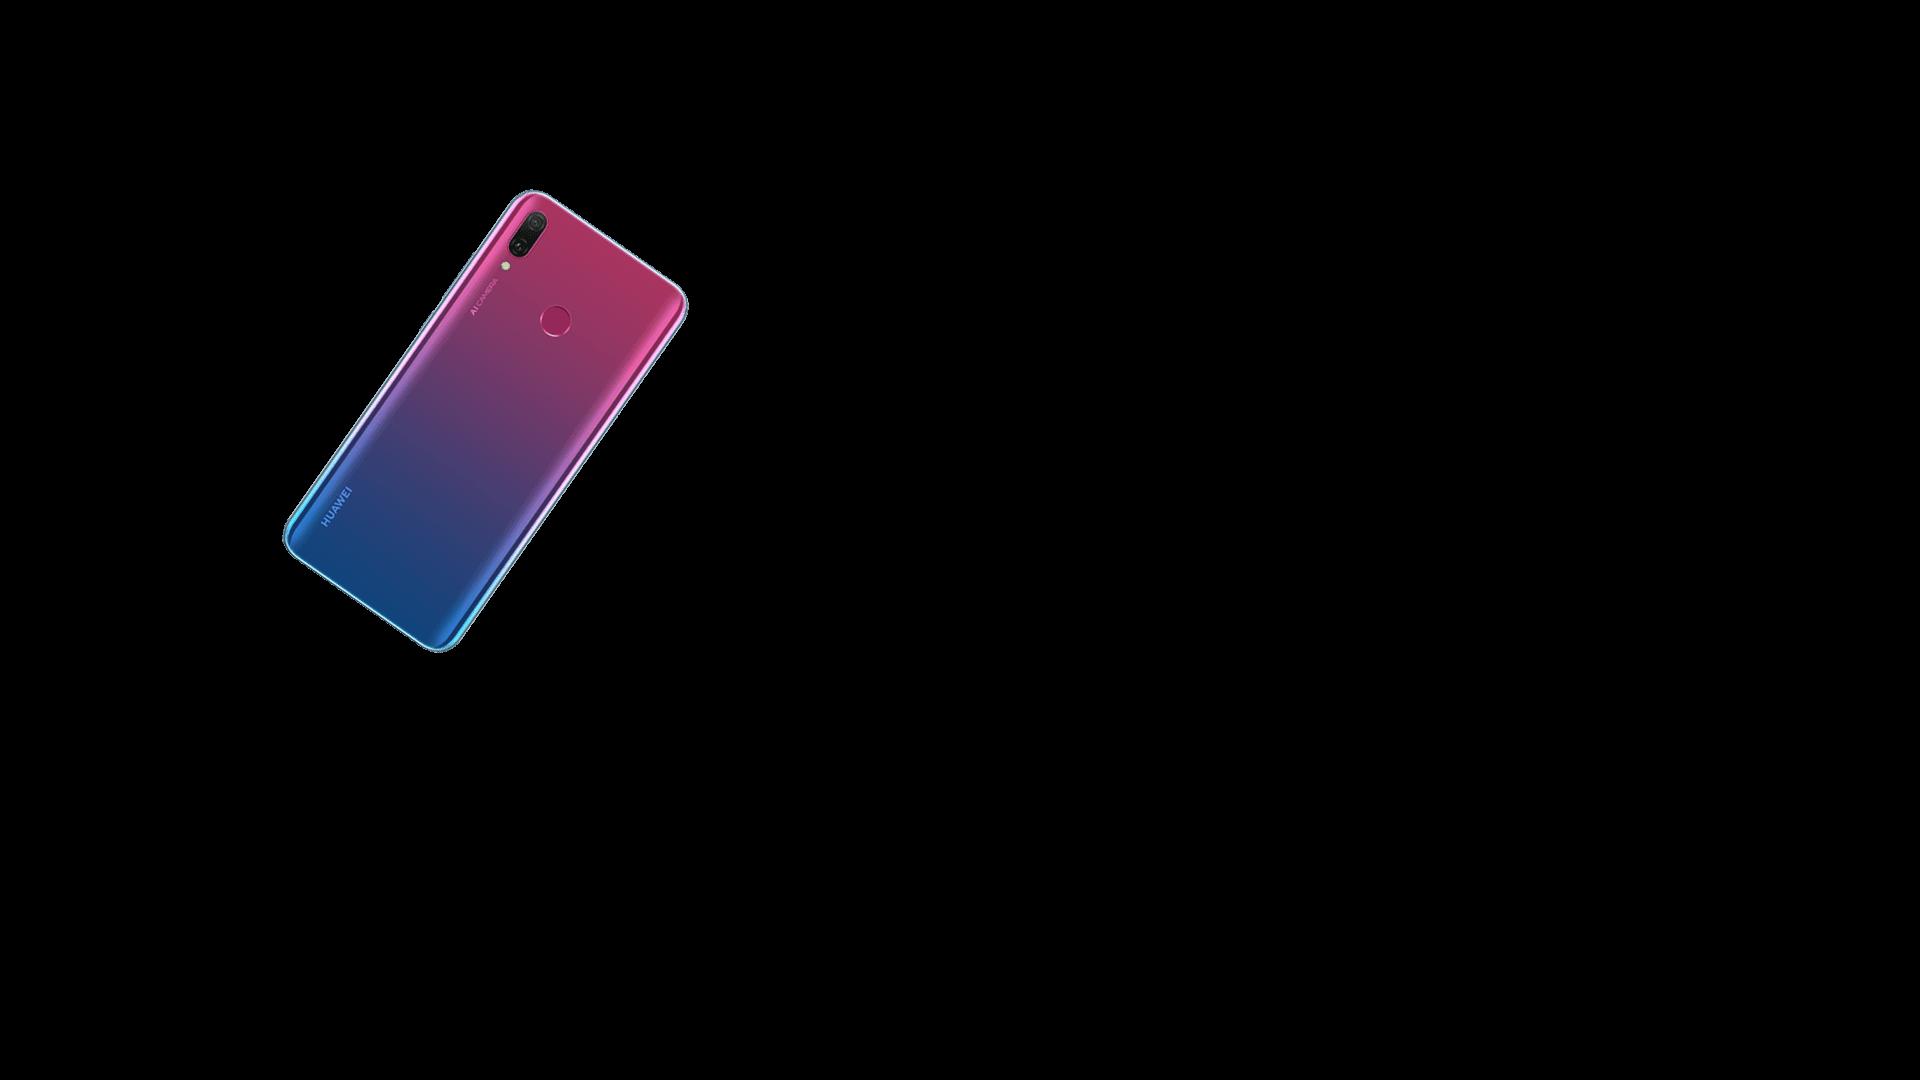 HUAWEI Y9 2019 3D Arc Design